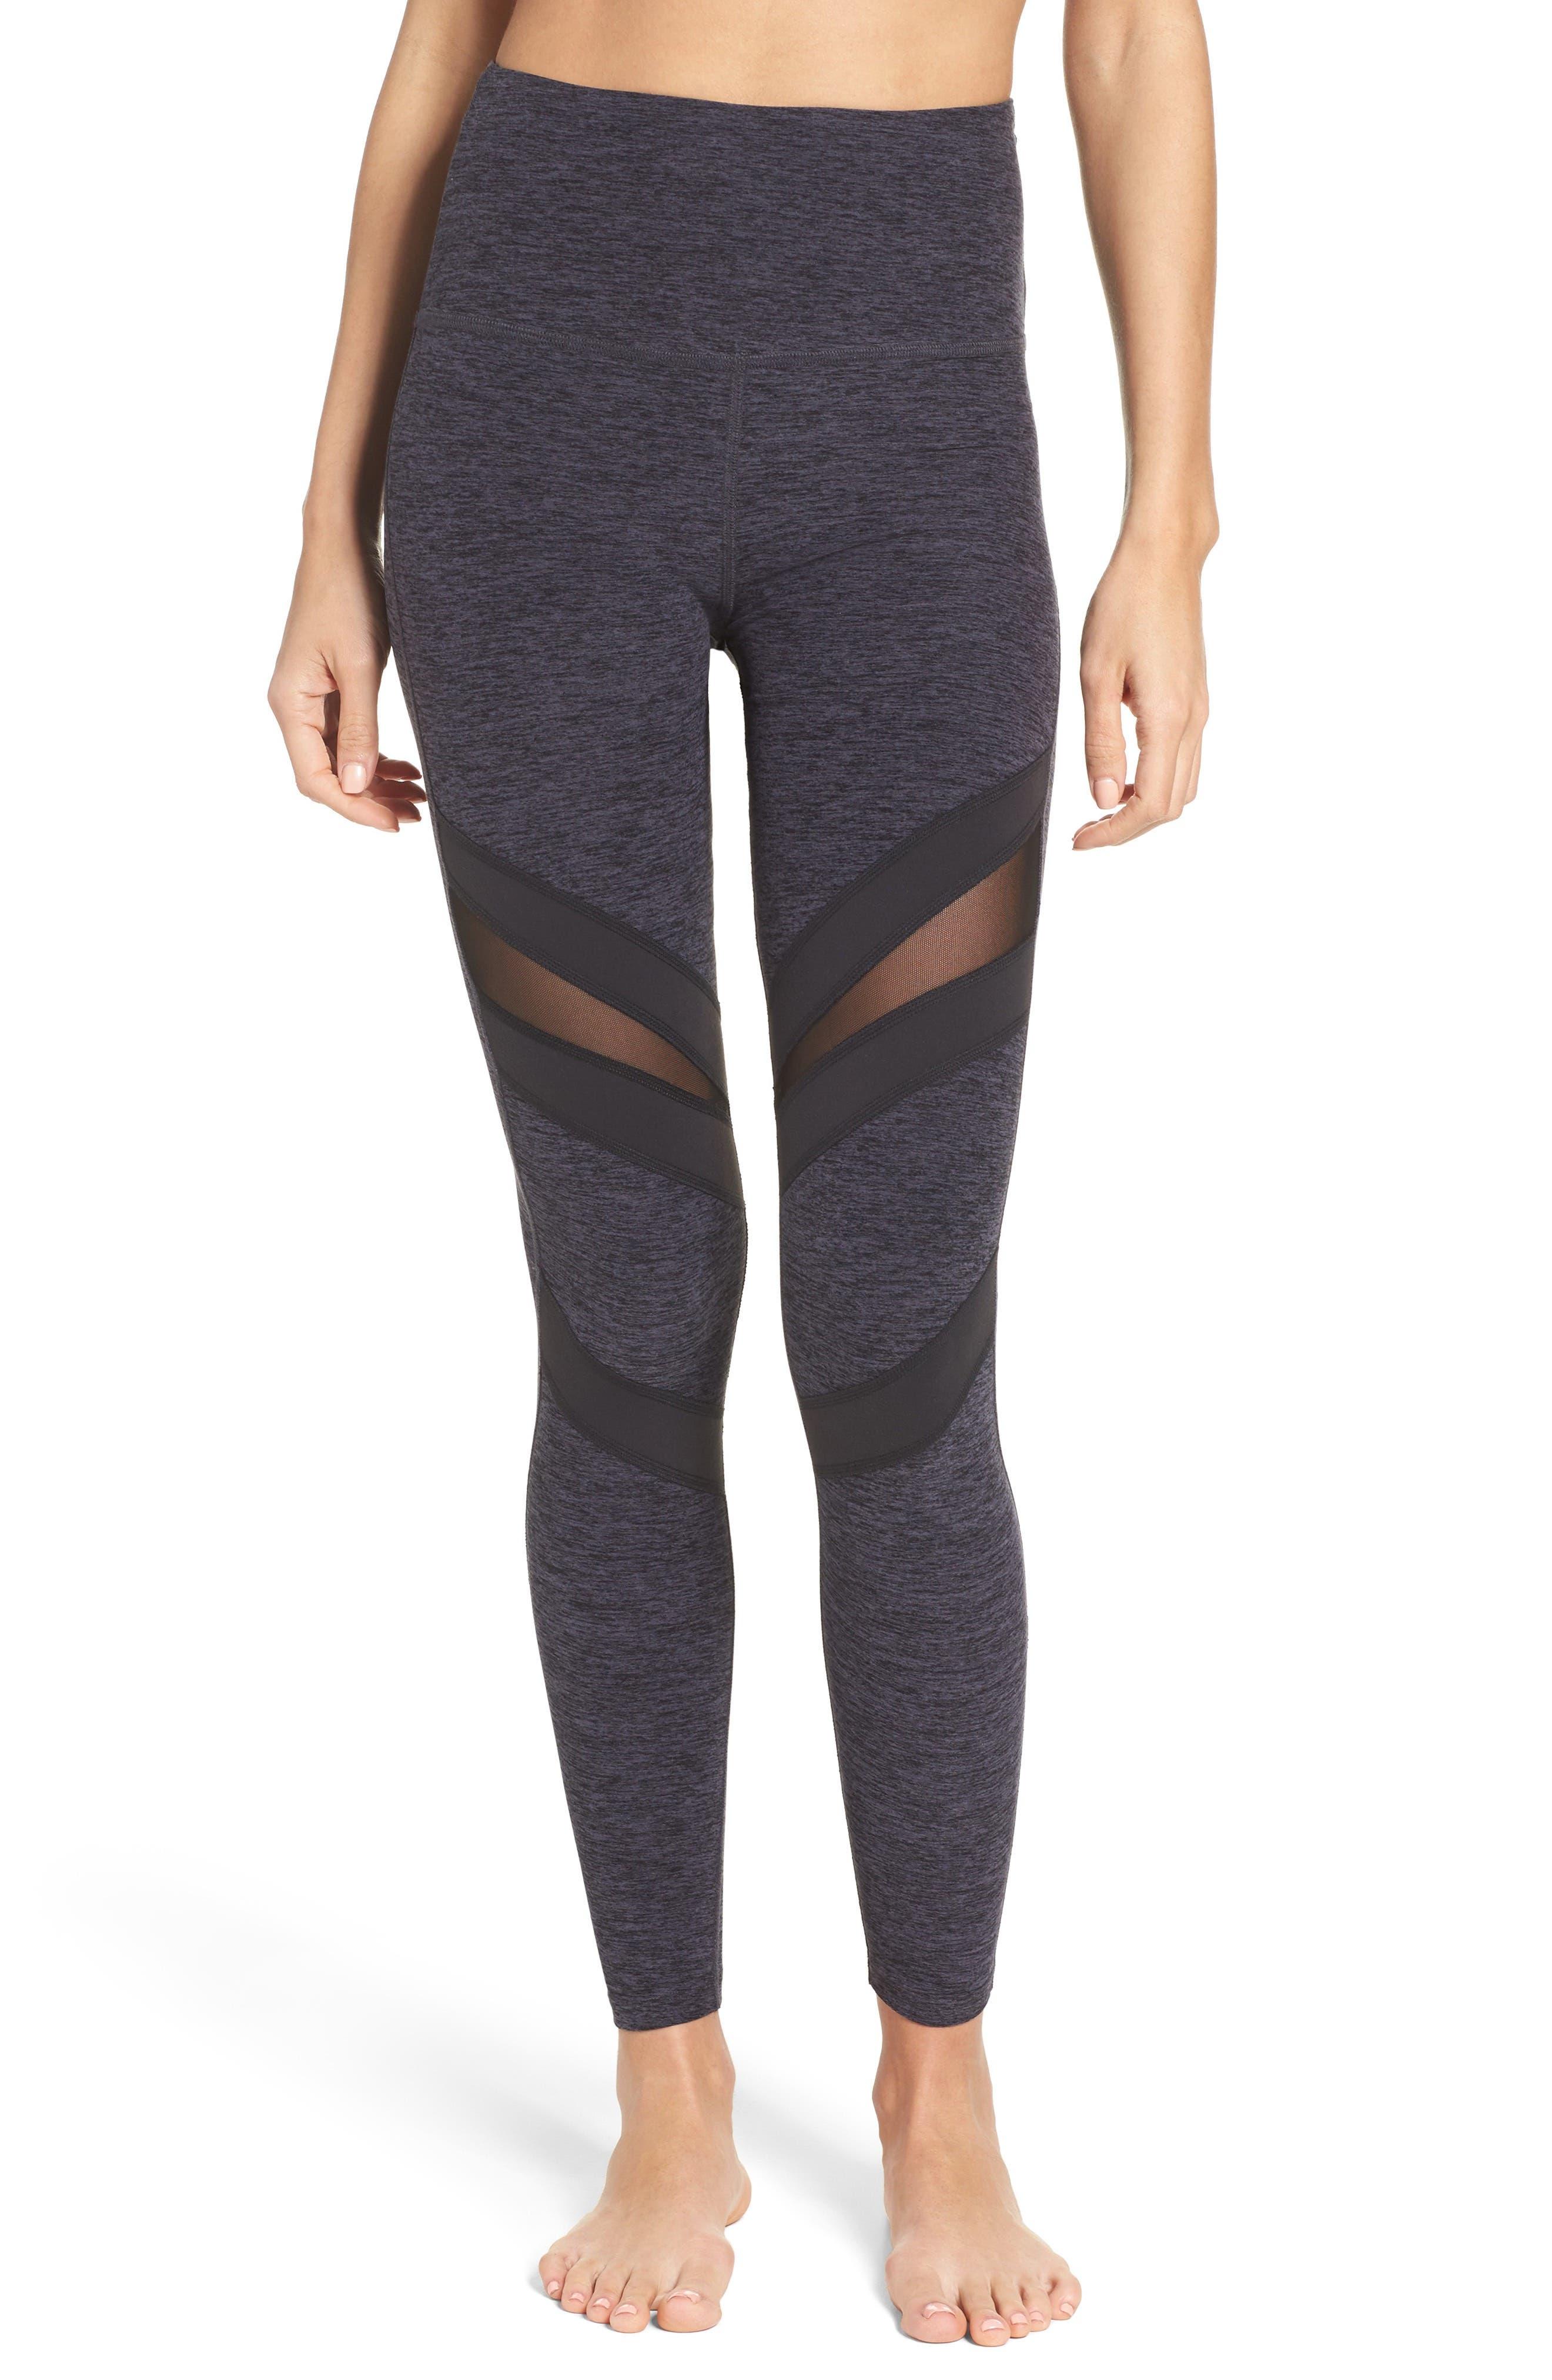 Beyond Yoga Slant Get Enough High Waist Leggings